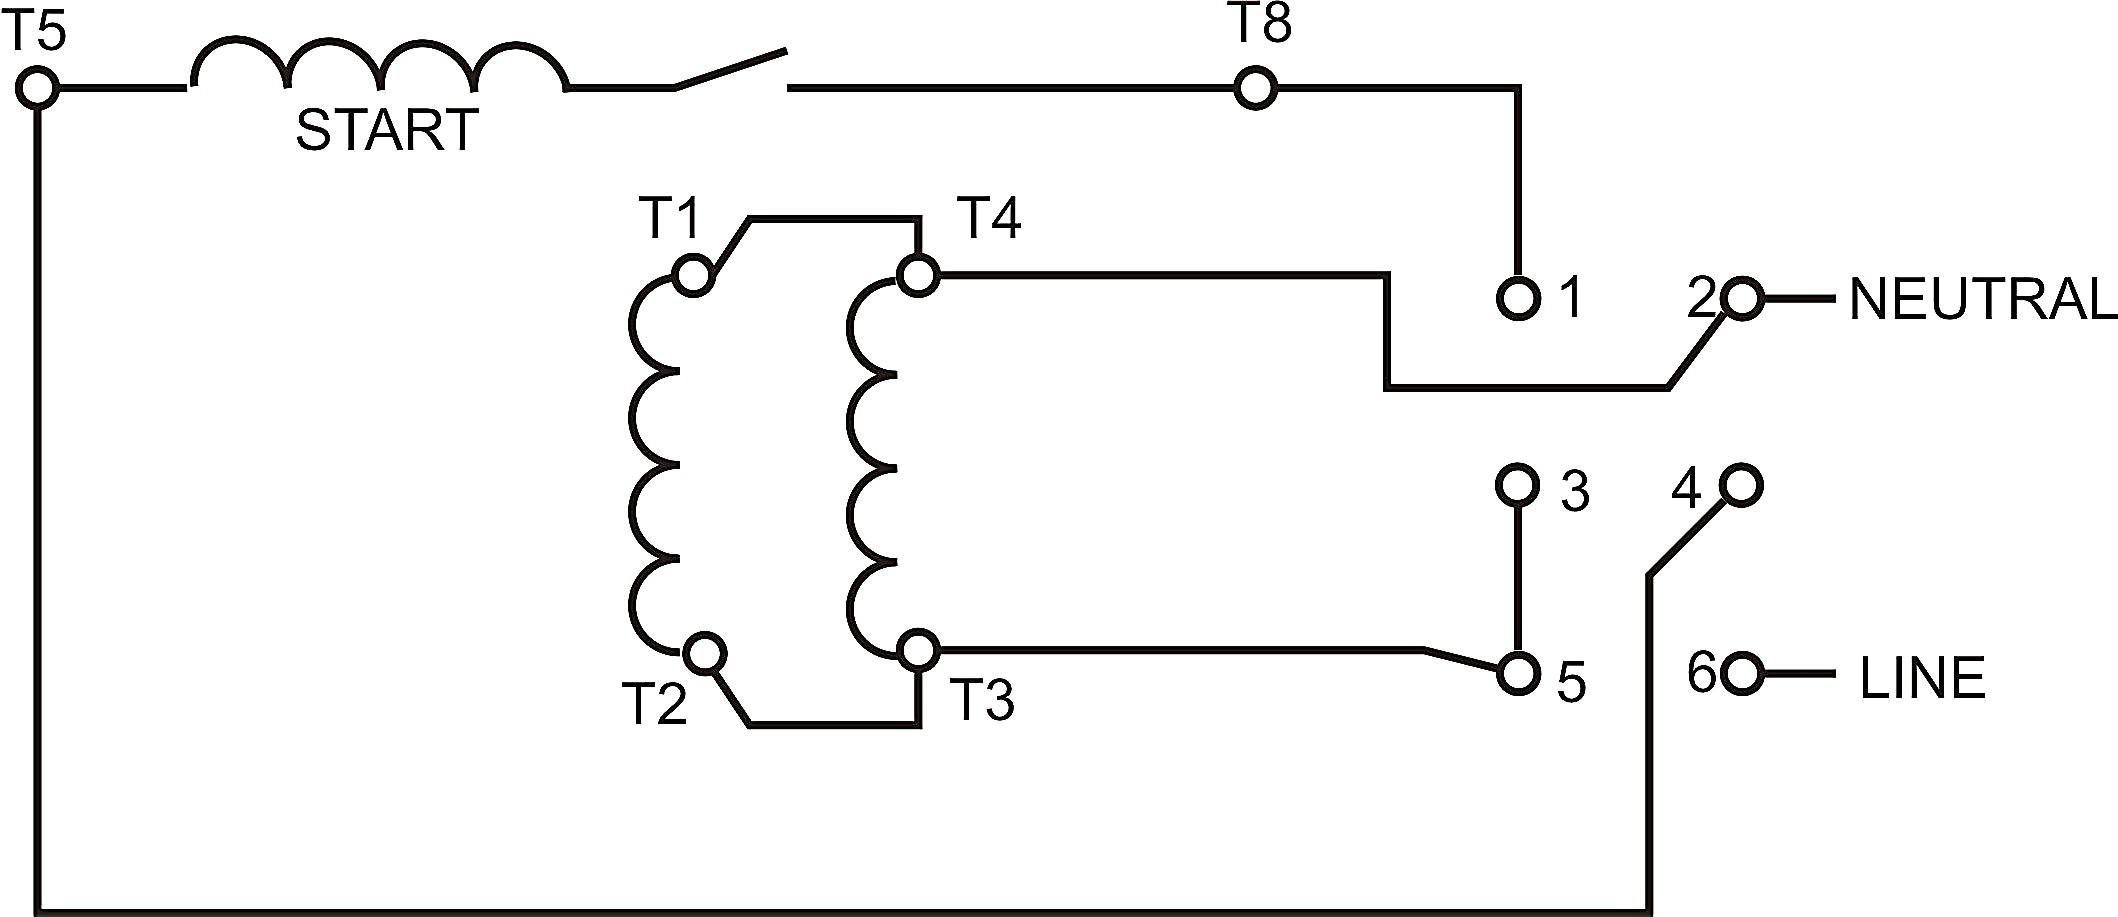 110 220 Motor Wiring Diagram | Wiring Diagram - 220 To 110 Wiring Diagram